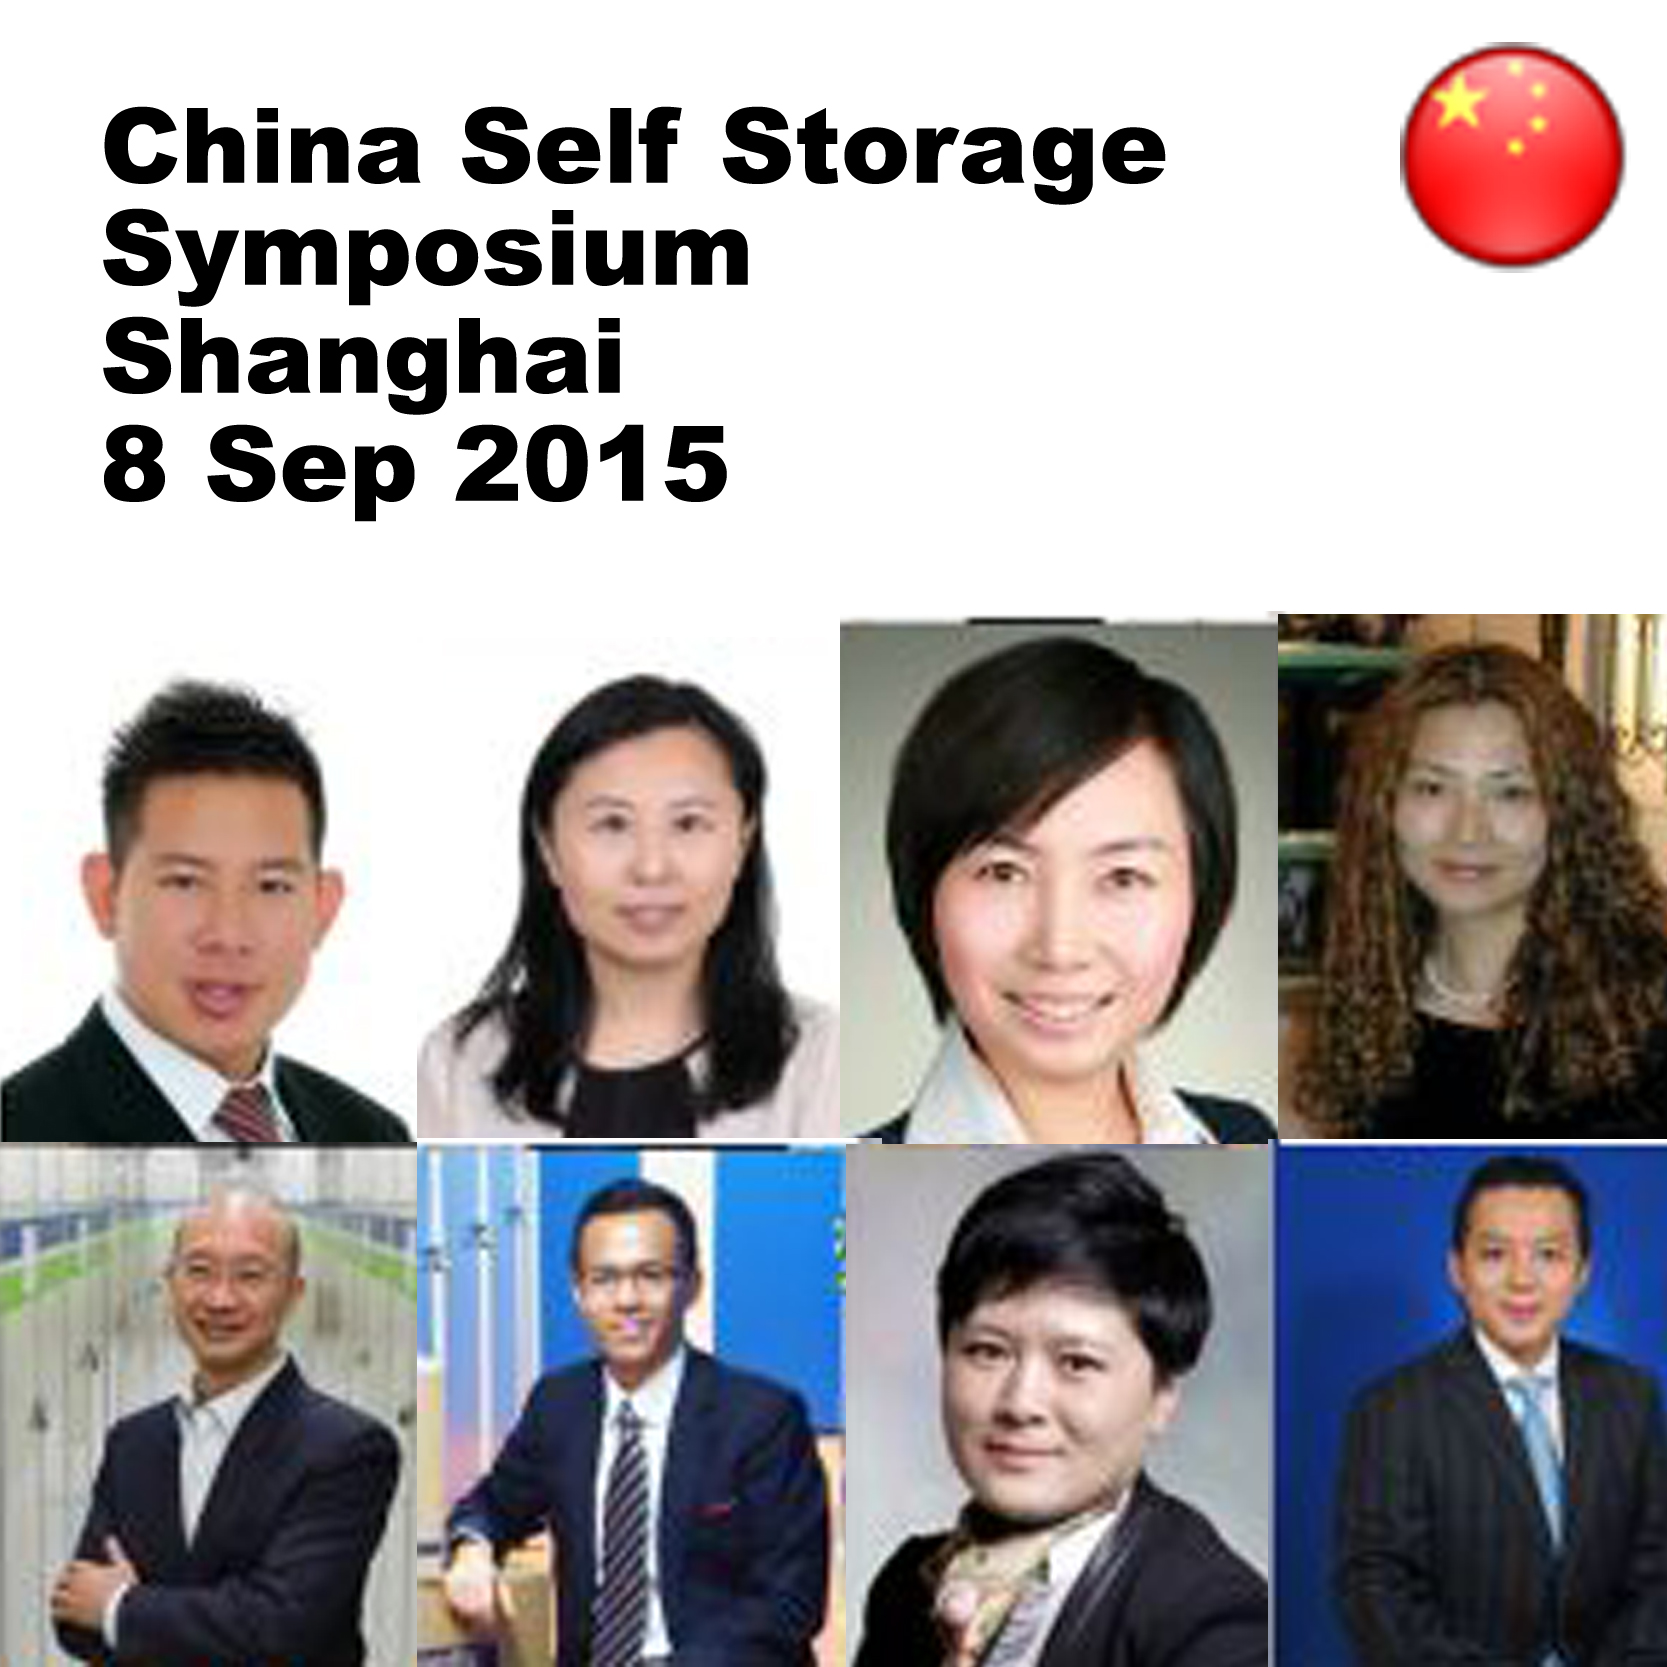 Sep 8 - China Self Storage Symposium